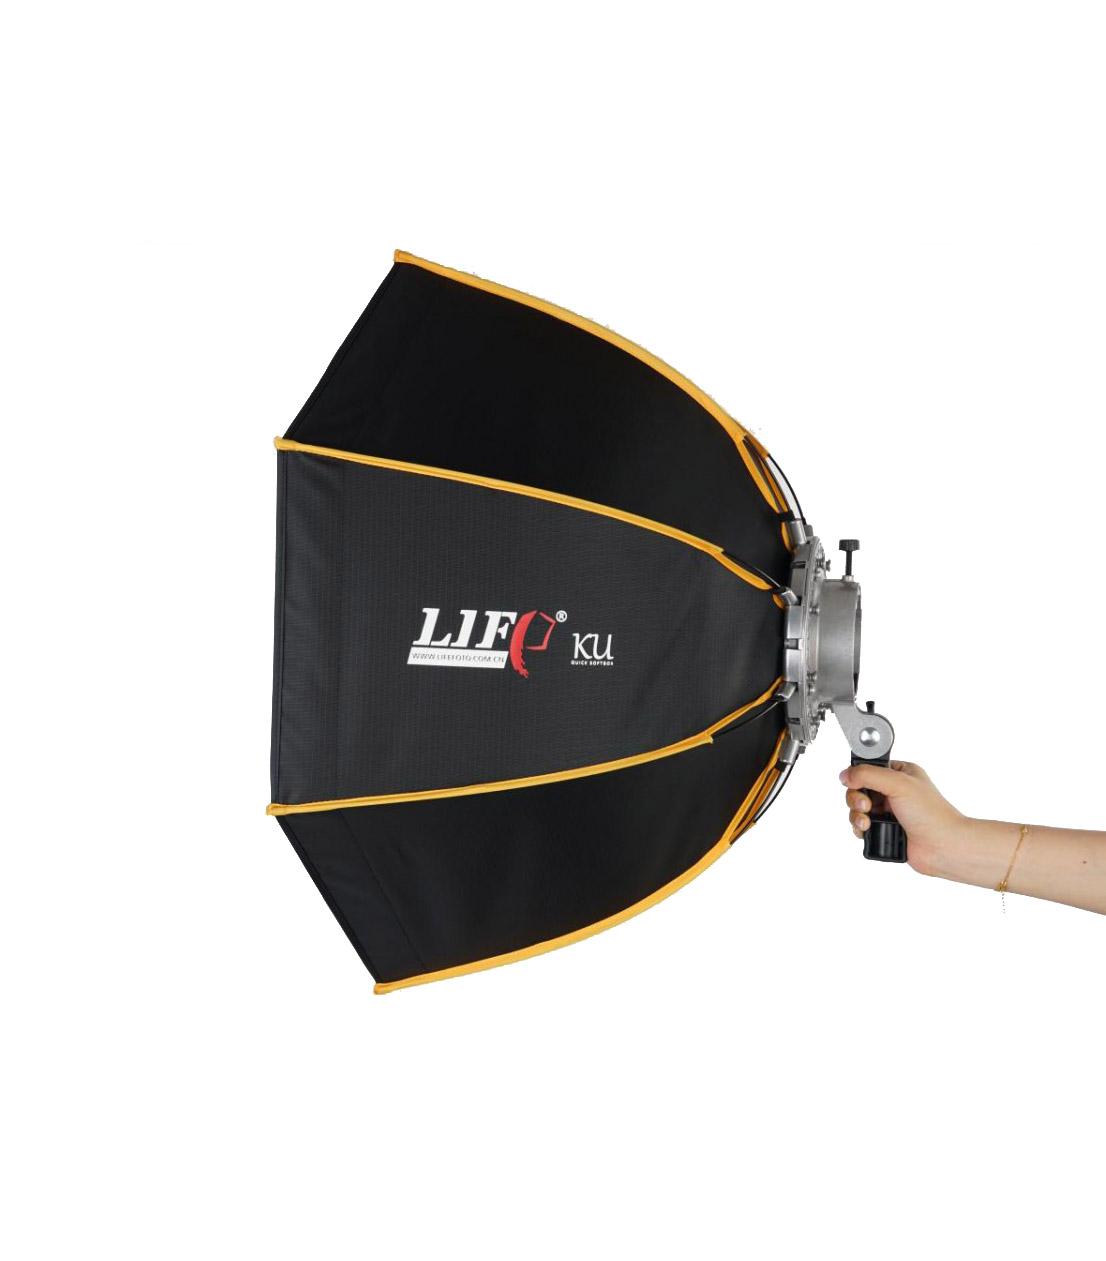 اکتاباکس ۶۰ سانتی متری عمیق KU-V1 برای اسپیدلایت ساده